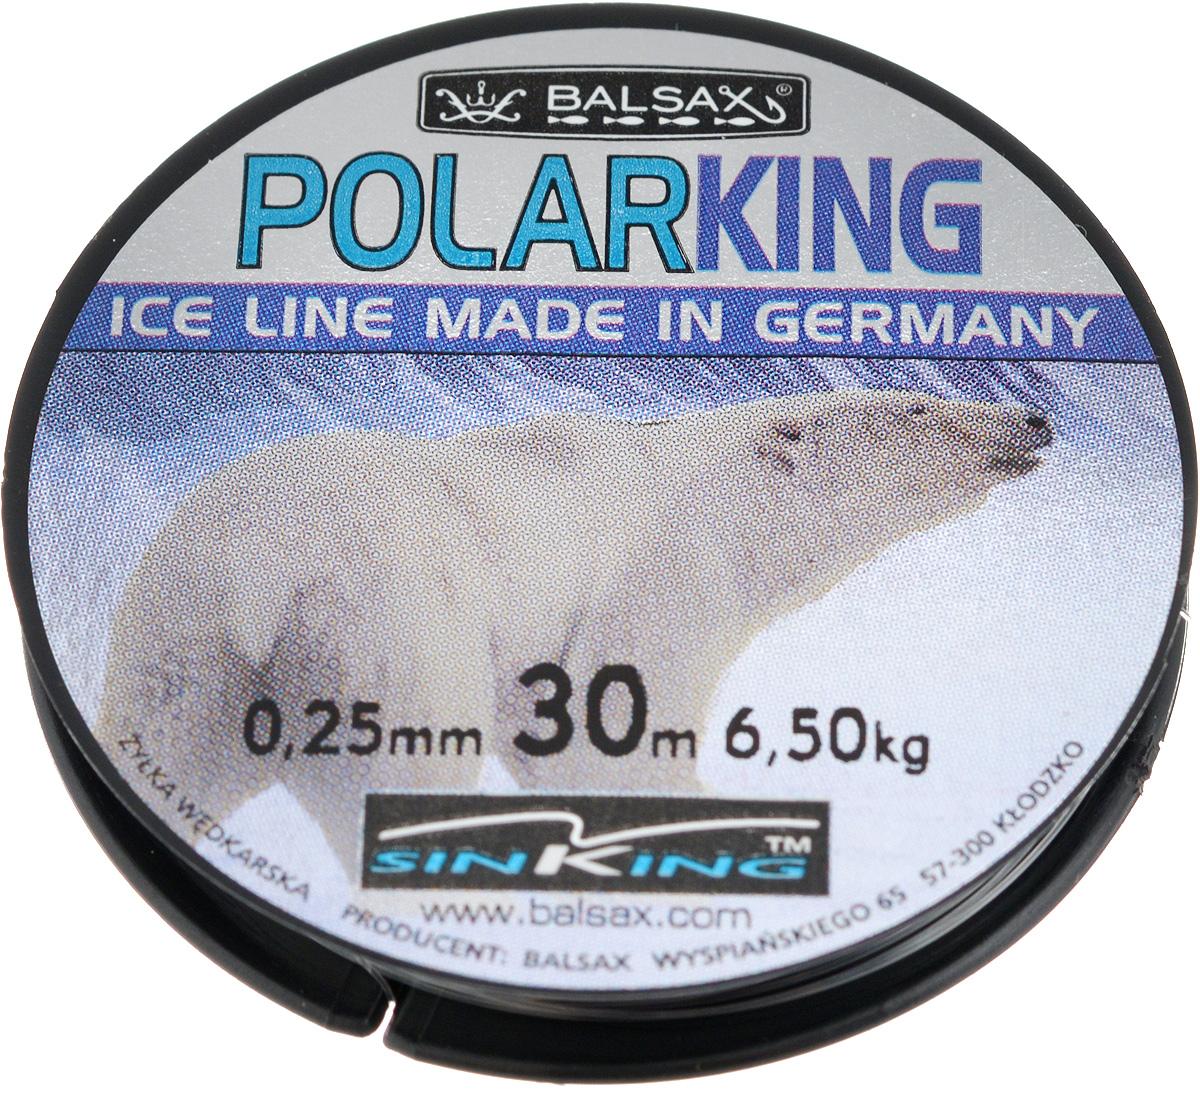 Леска зимняя Balsax Polar King, 30 м, 0,25 мм, 6,5 кг309-07018Леска Balsax Polar King изготовлена из 100% нейлона и очень хорошо выдерживает низкие температуры. Даже в самом холодном климате, при температуре вплоть до -40°C, она сохраняет свои свойства практически без изменений, в то время как традиционные лески становятся менее эластичными и теряют прочность.Поверхность лески обработана таким образом, что она не обмерзает и отлично подходит для подледного лова. Прочна в местах вязки узлов даже при минимальном диаметре.